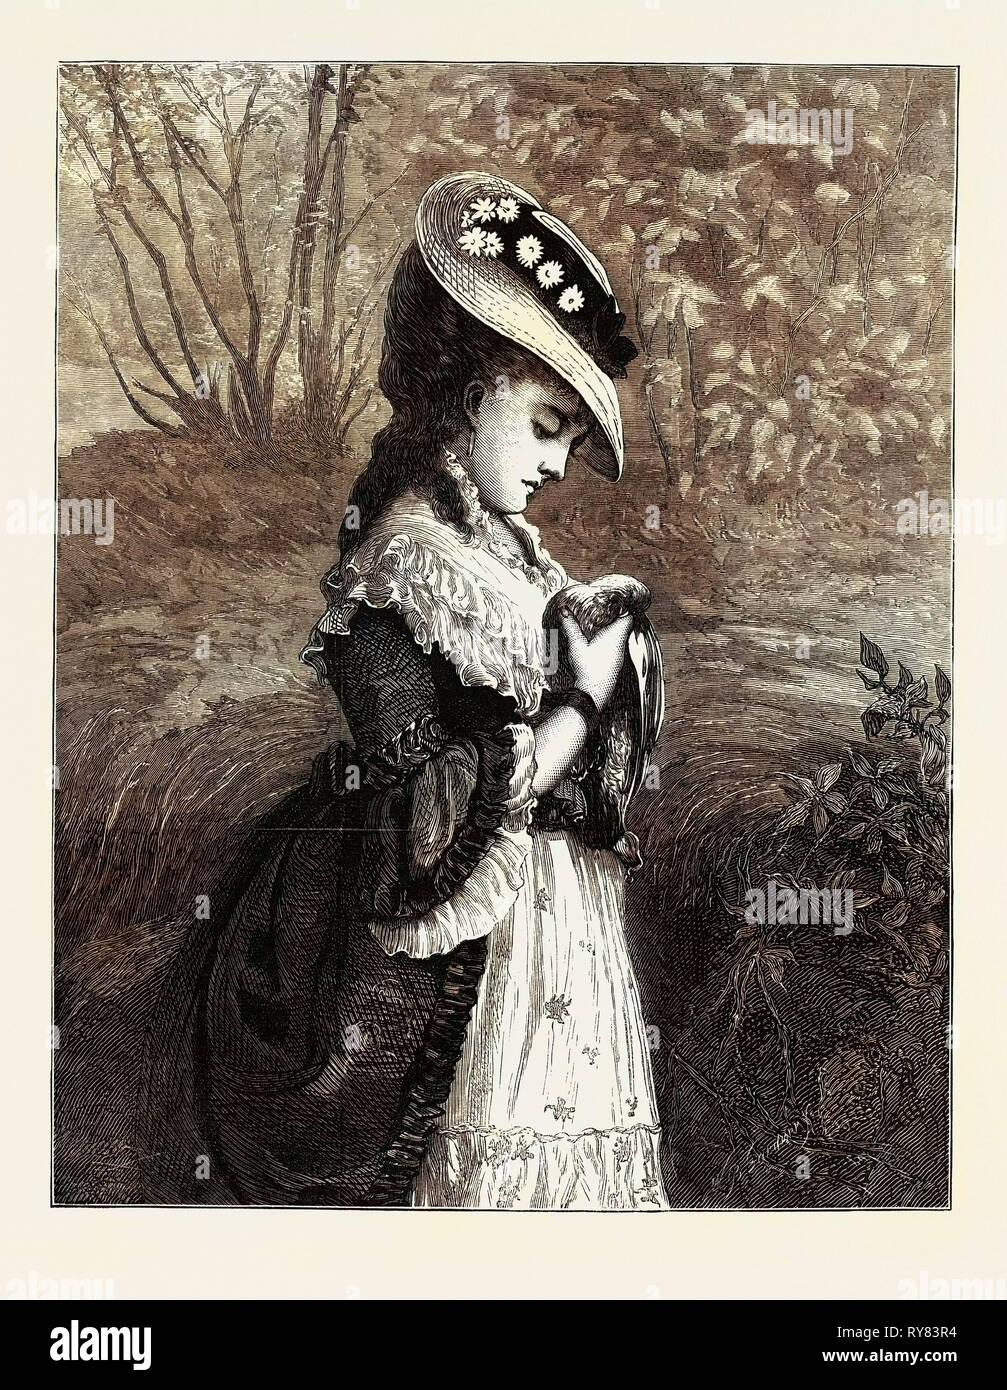 """Simpatia """" il passaggio omaggio di un sospiro', in mostra presso la Galleria di Dudley 1873 Immagini Stock"""